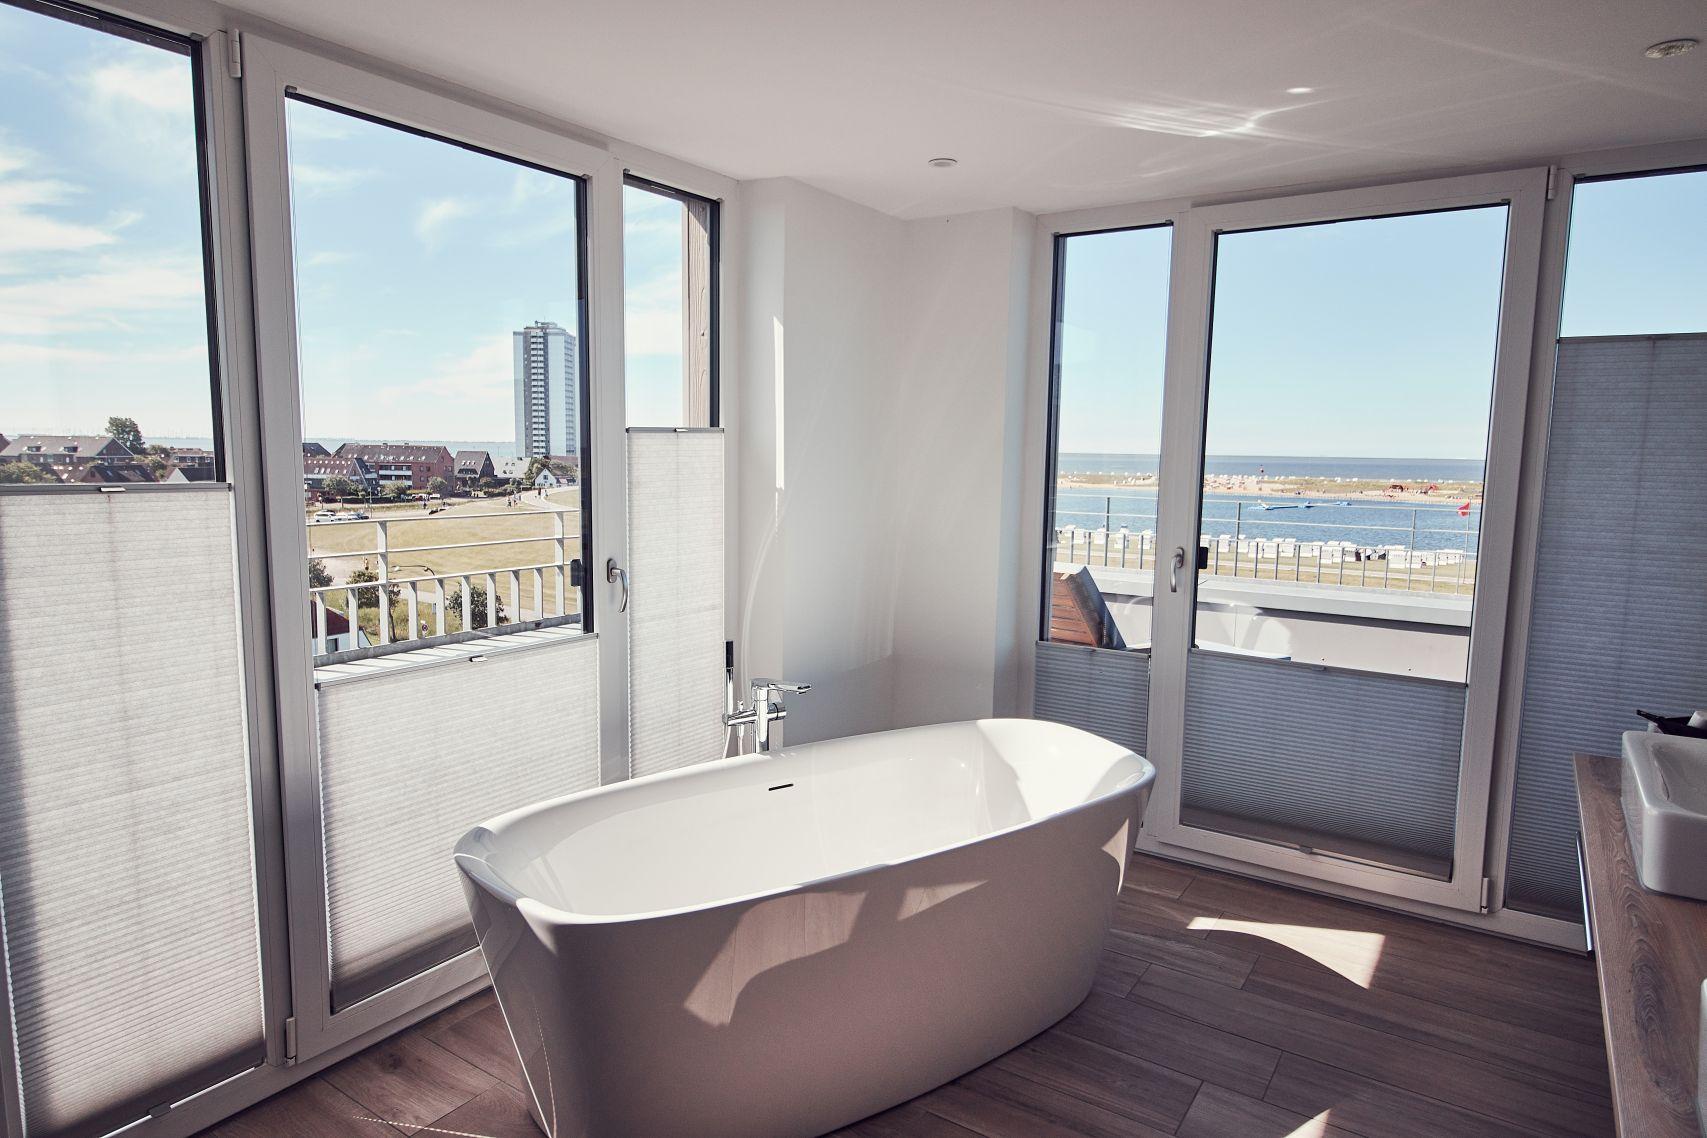 Badezimmer des Strandhotel Küstenperle Büsum